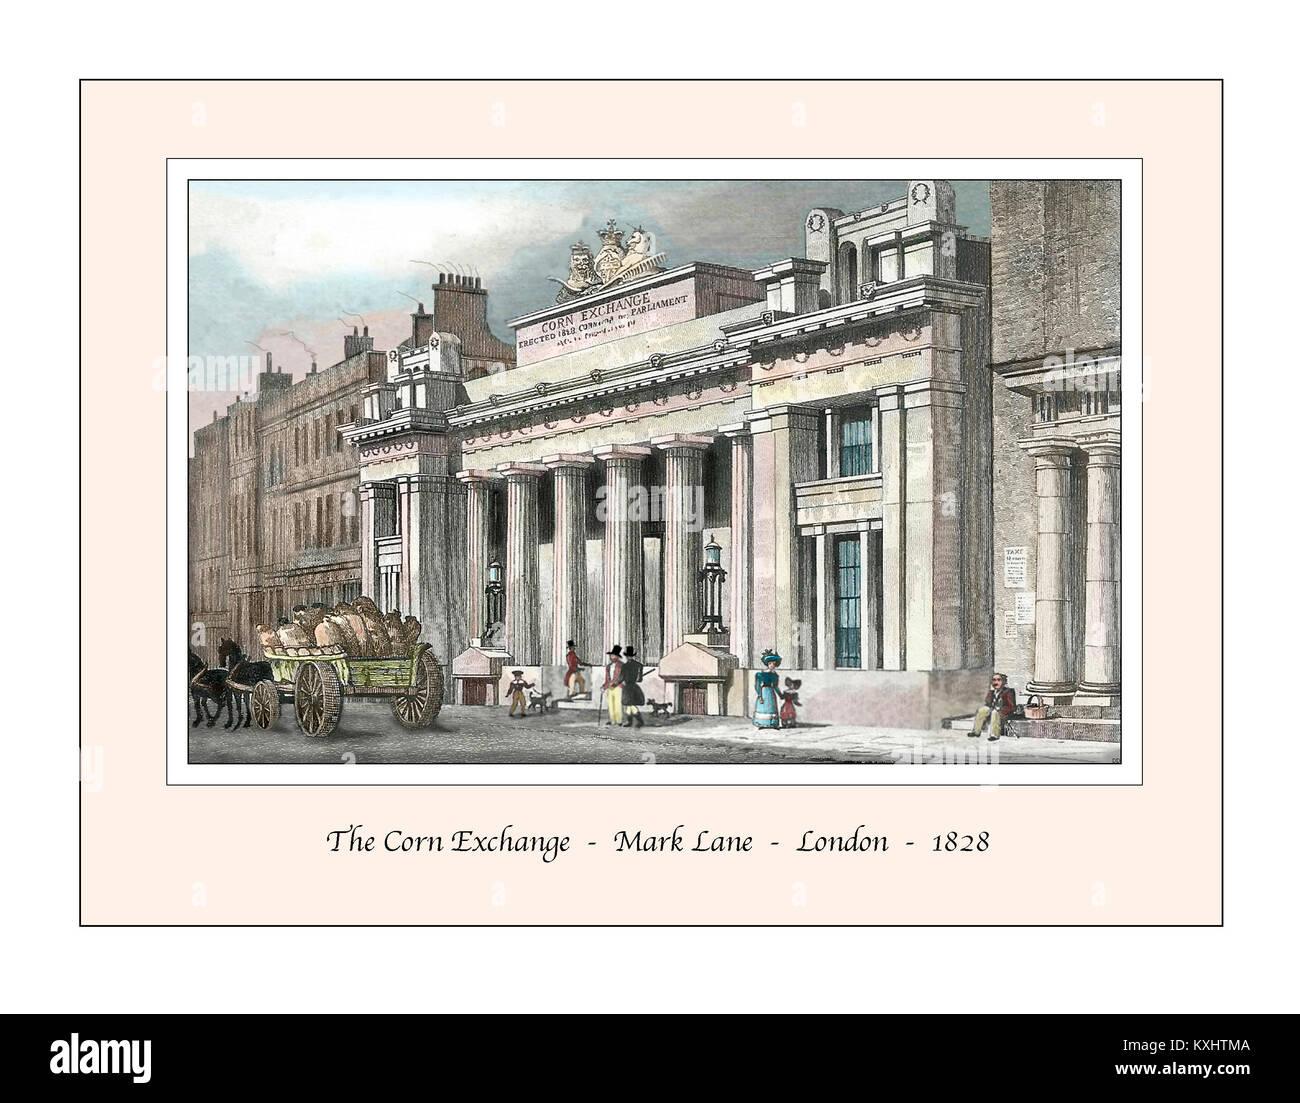 Corn Exchange Mark Lane London Original Design based on a 19th century Engraving - Stock Image